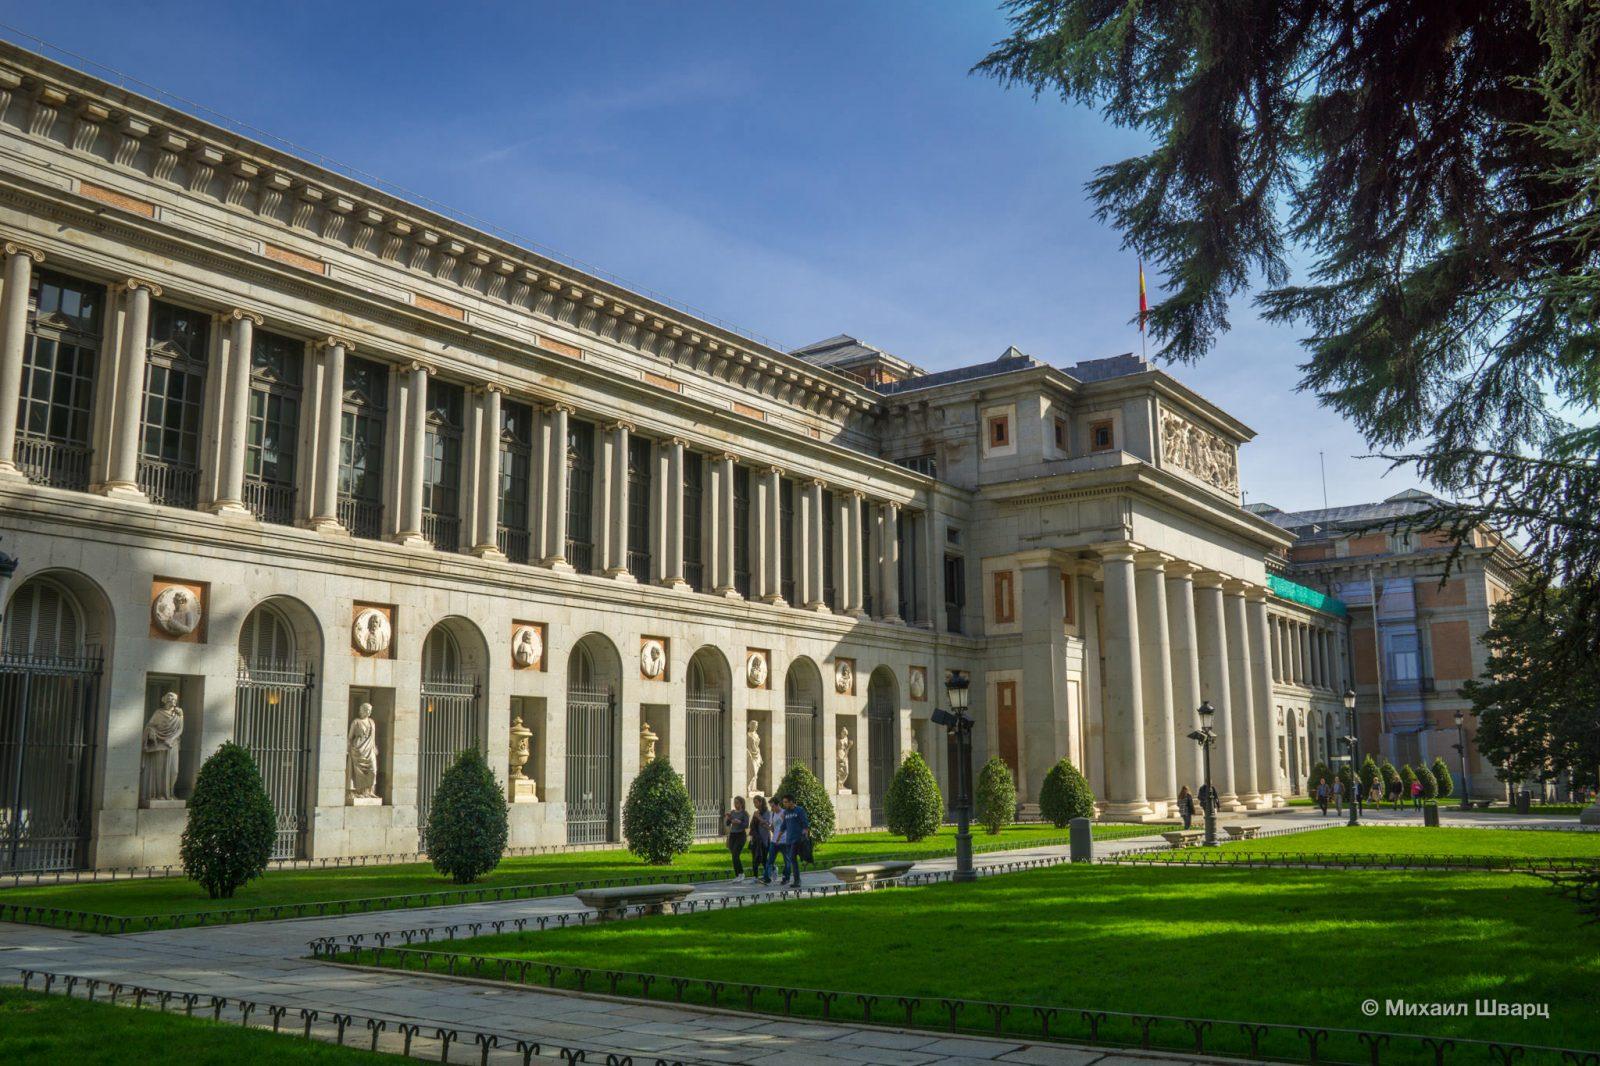 или коттедж музеи мира фото архитектура секрет том, что